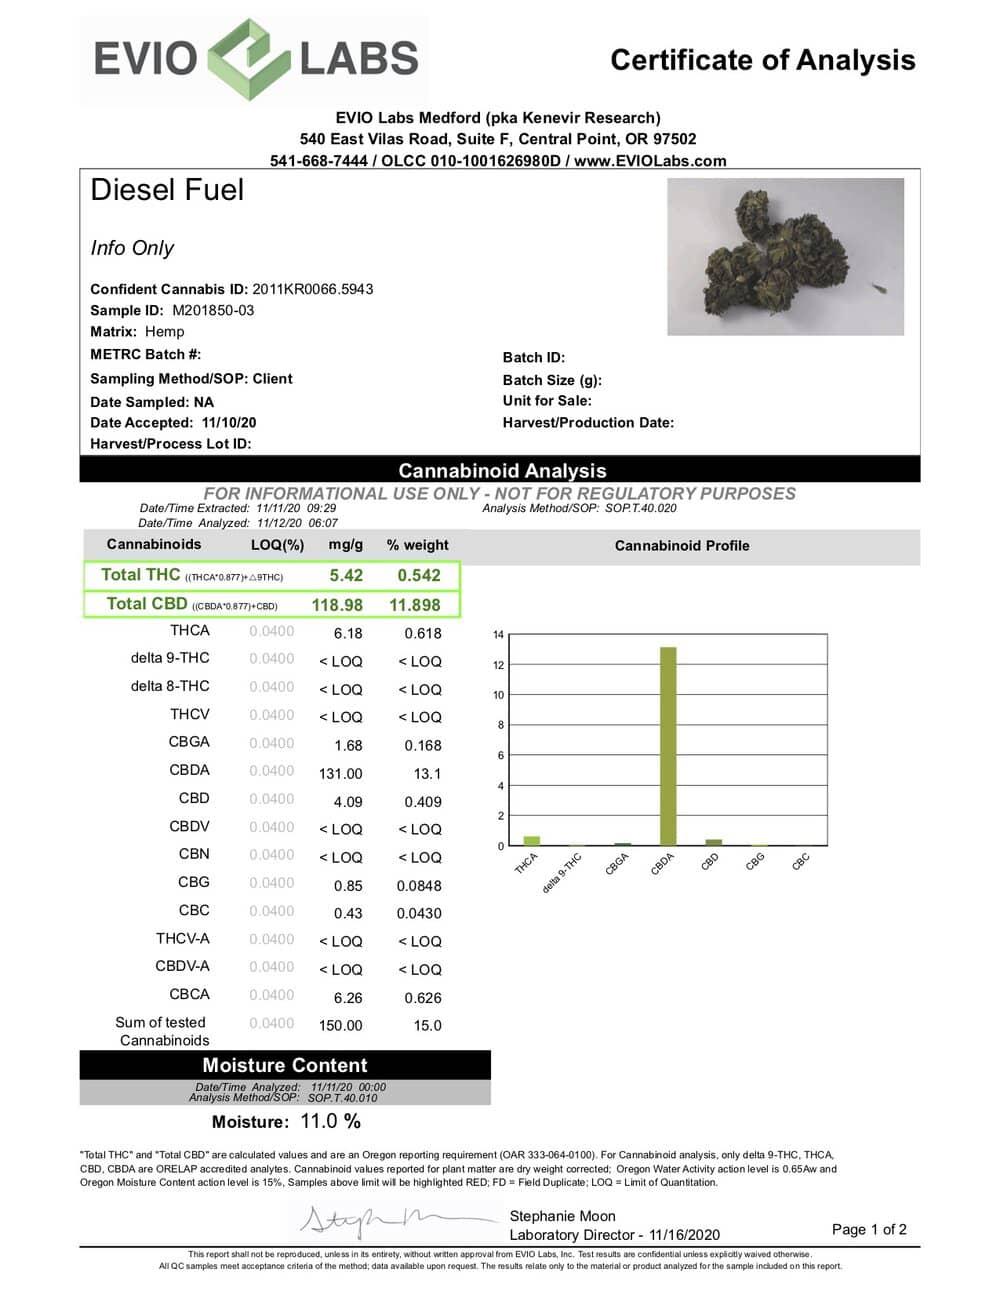 Diesel Fuel COA